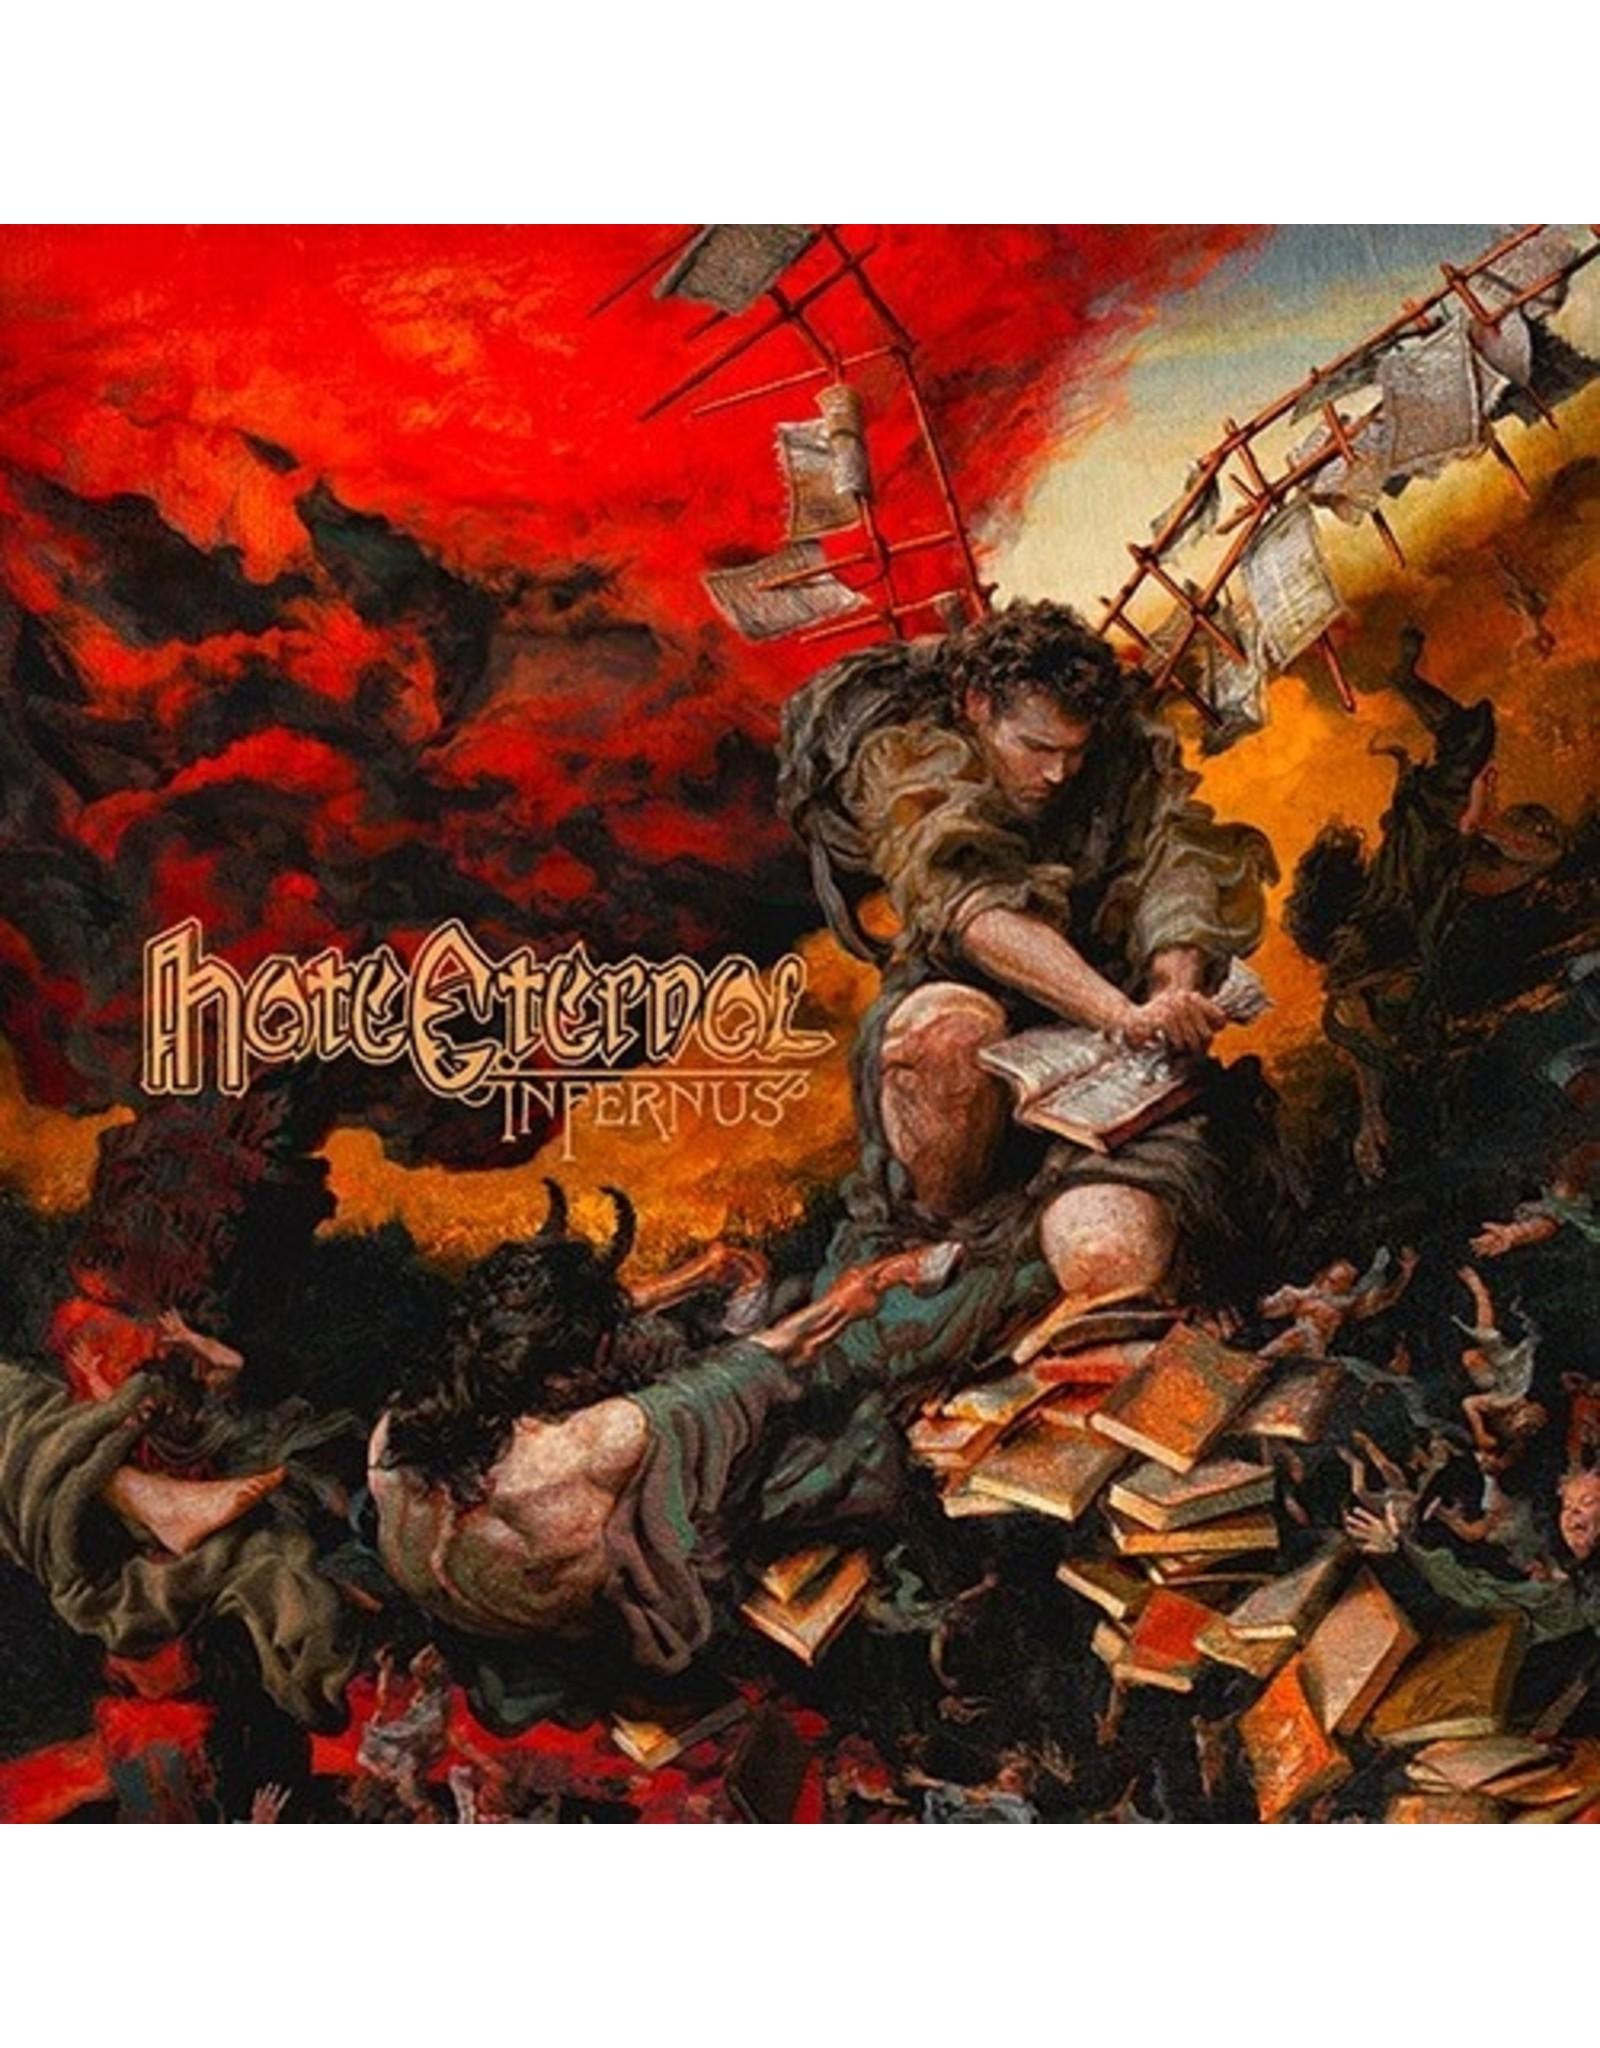 New Vinyl Hate Eternal - Infernus LP